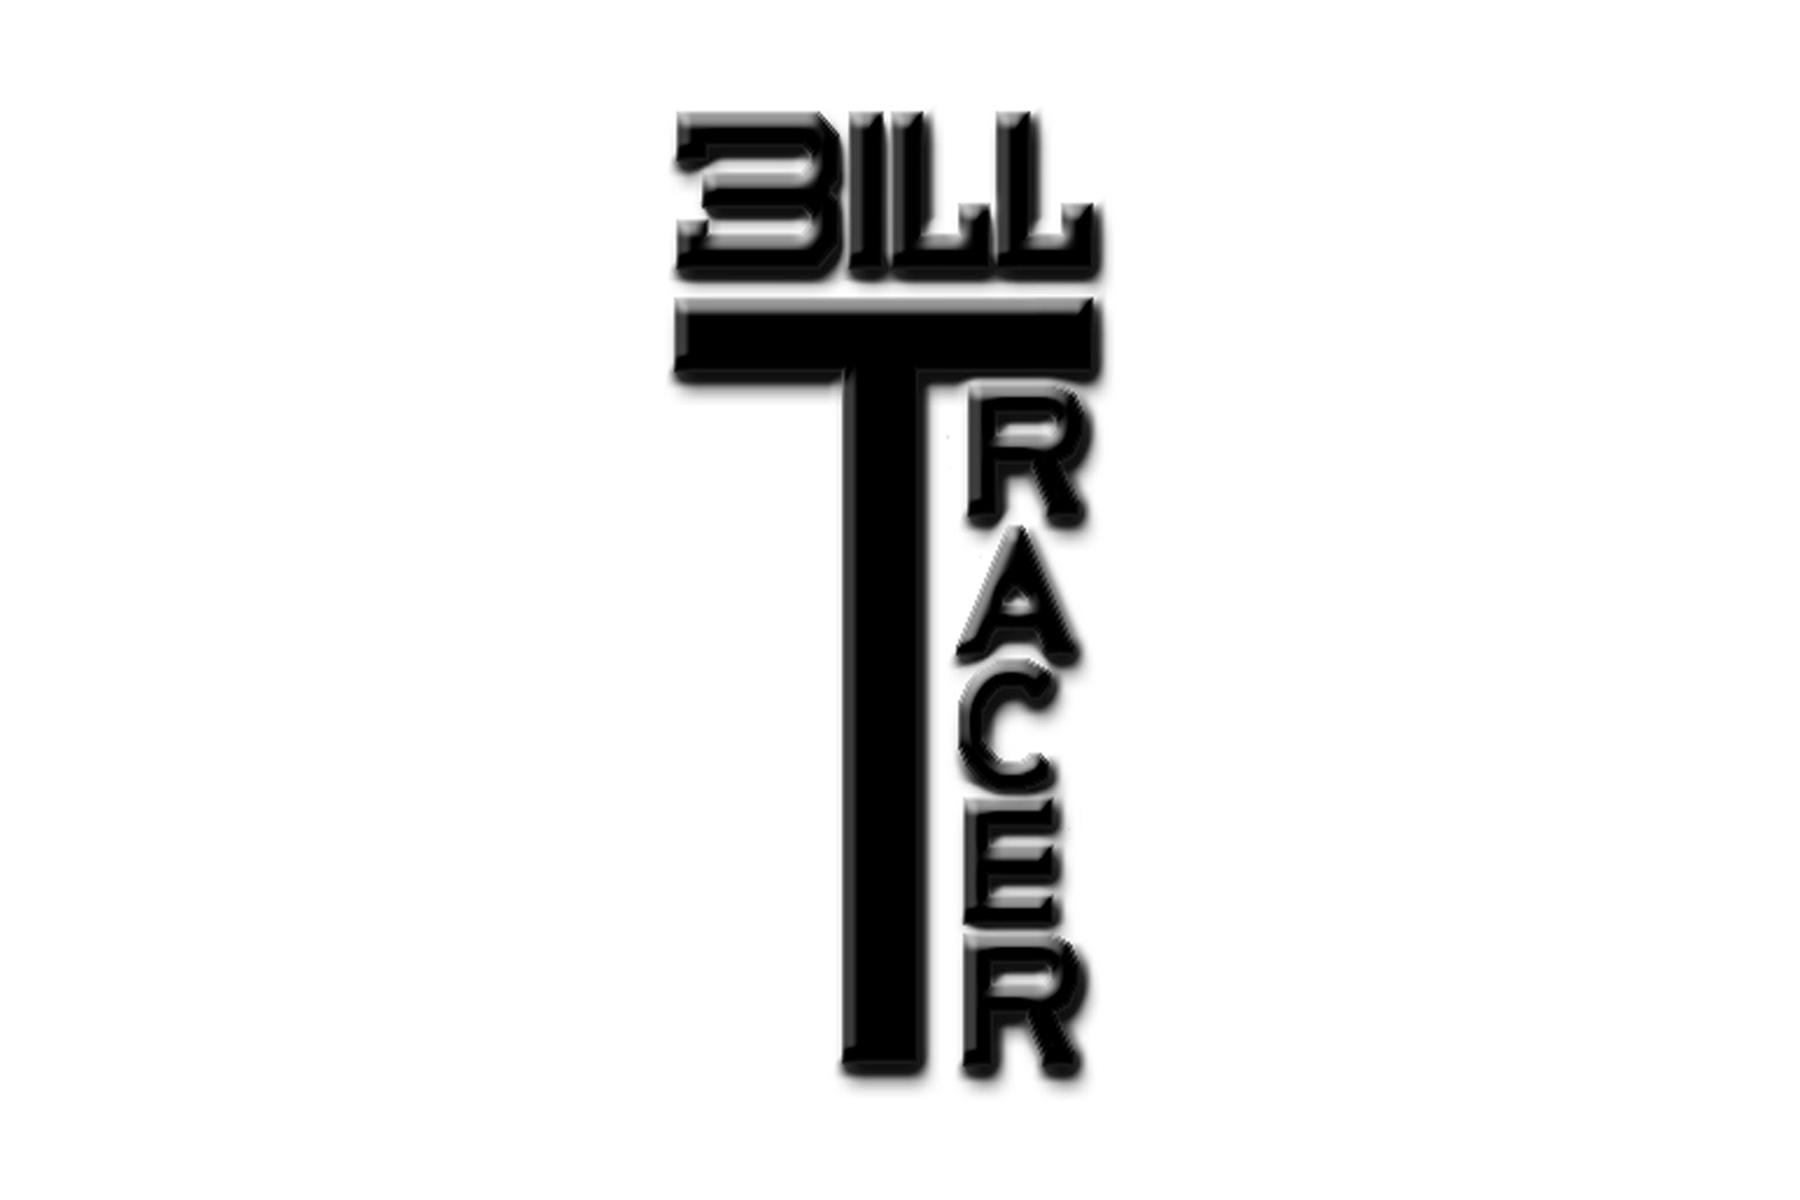 Bill M. Tracer Signature